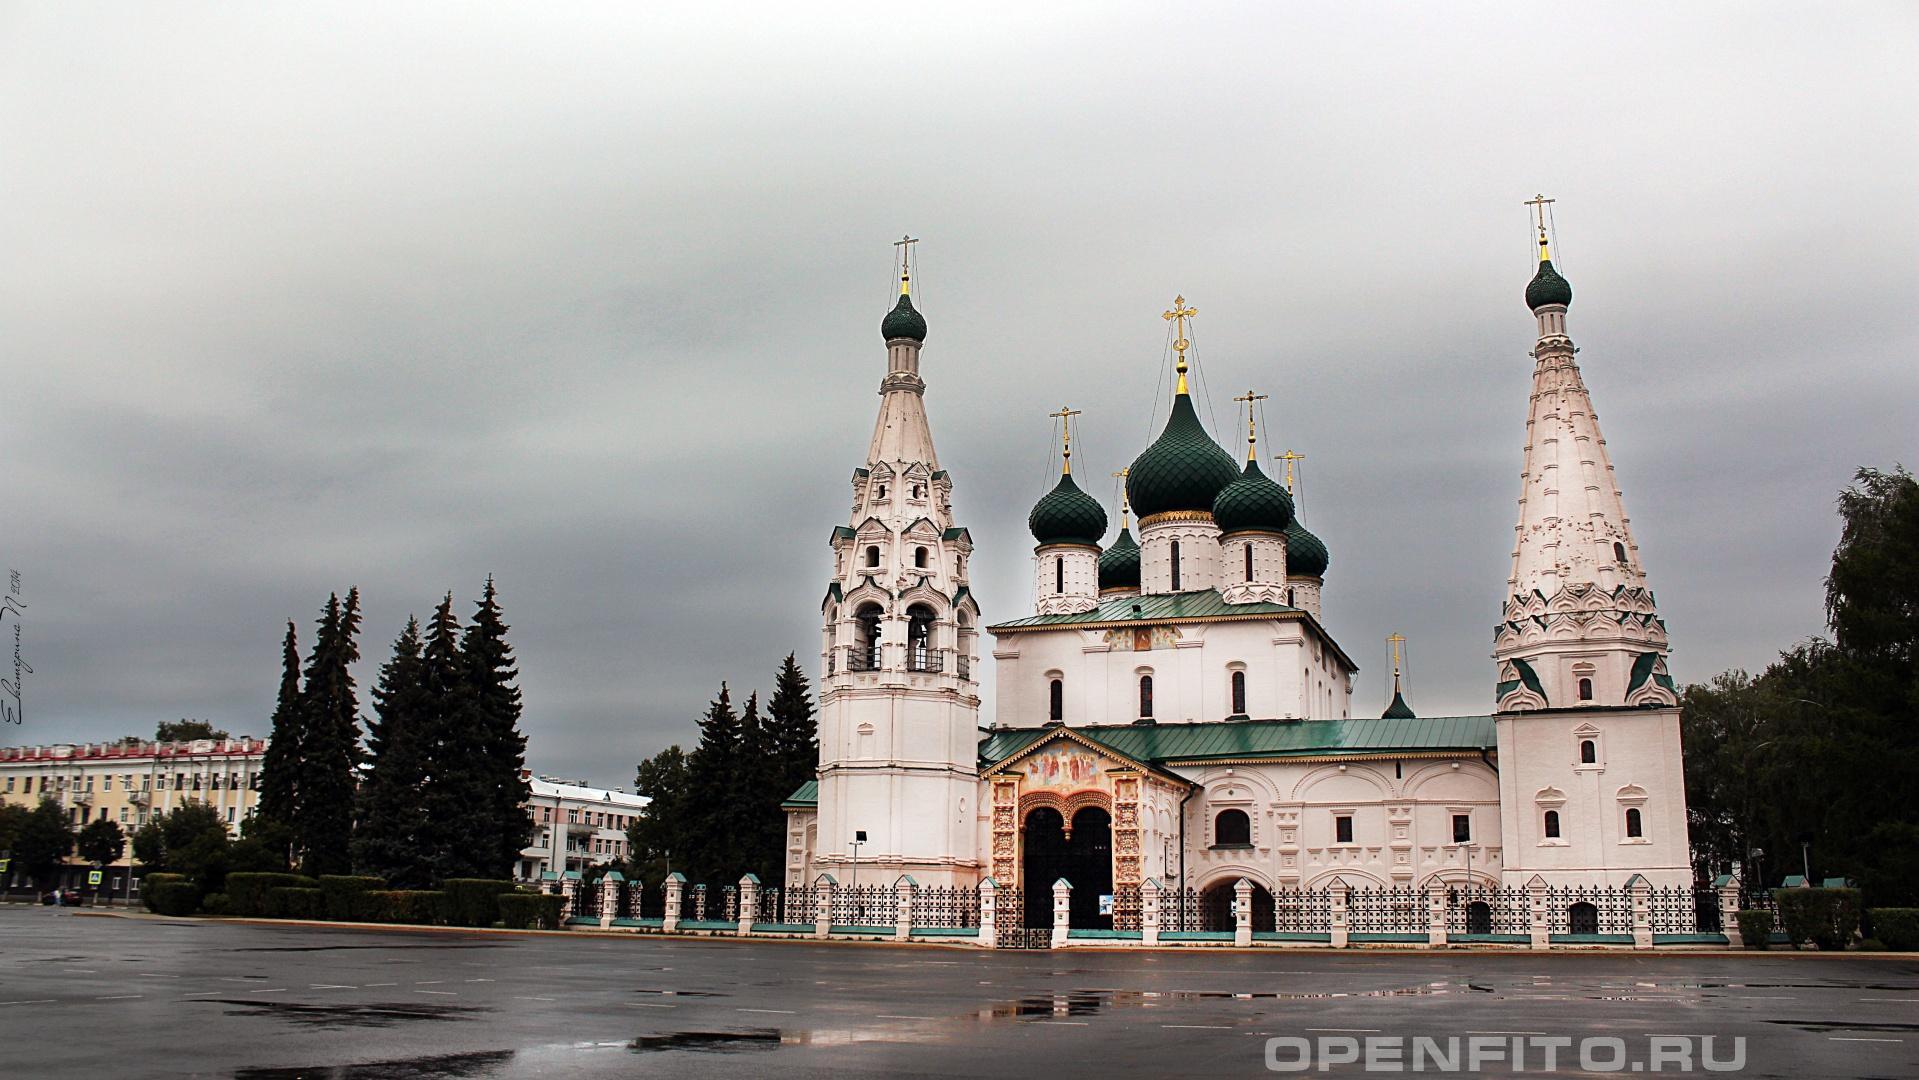 Церковь Ильи Пророка Церковь Ильи Пророка город Ярославль, Ярославская область